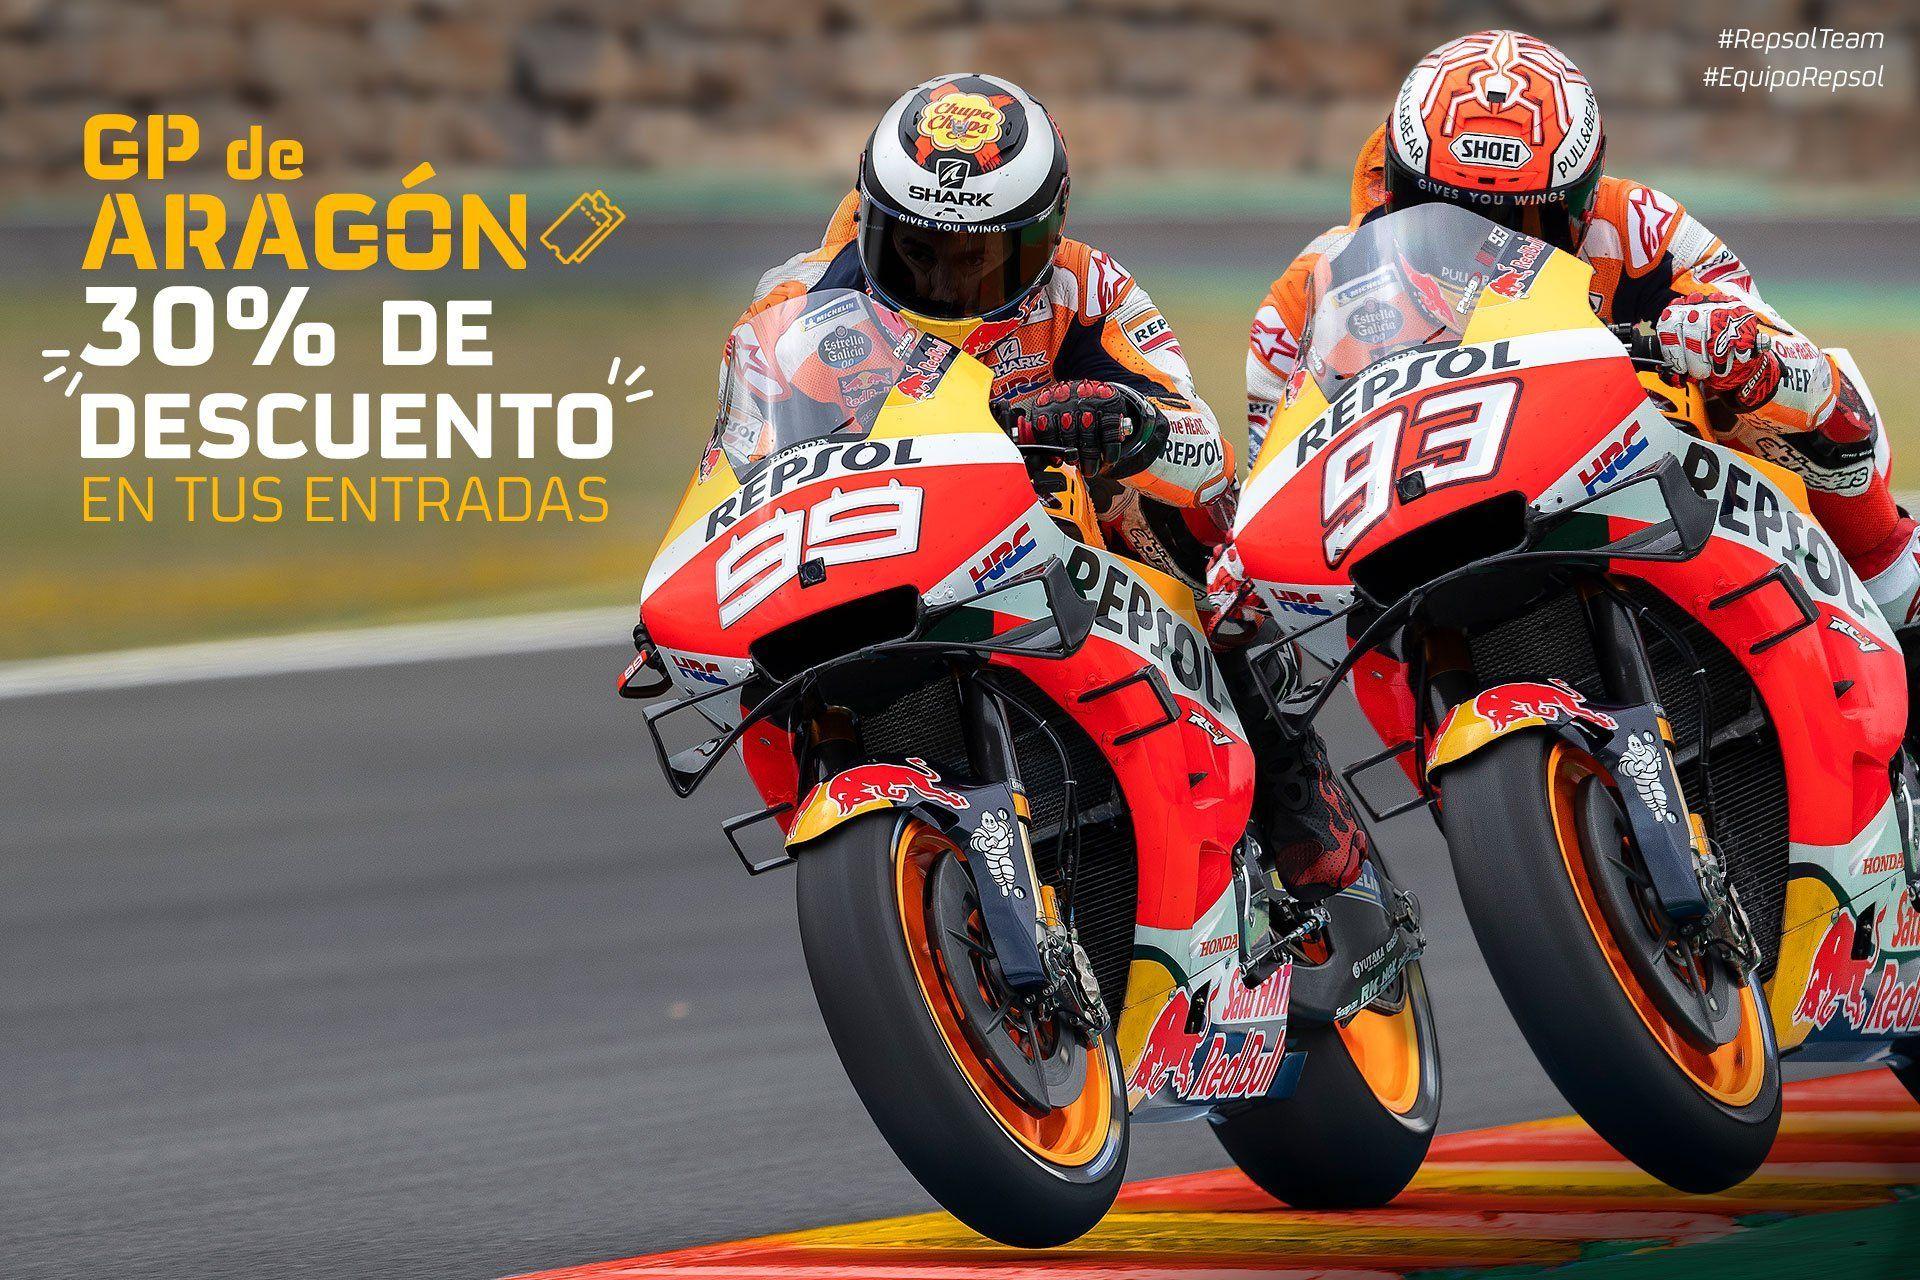 Motos Motorland GP Aragón 30% descuento